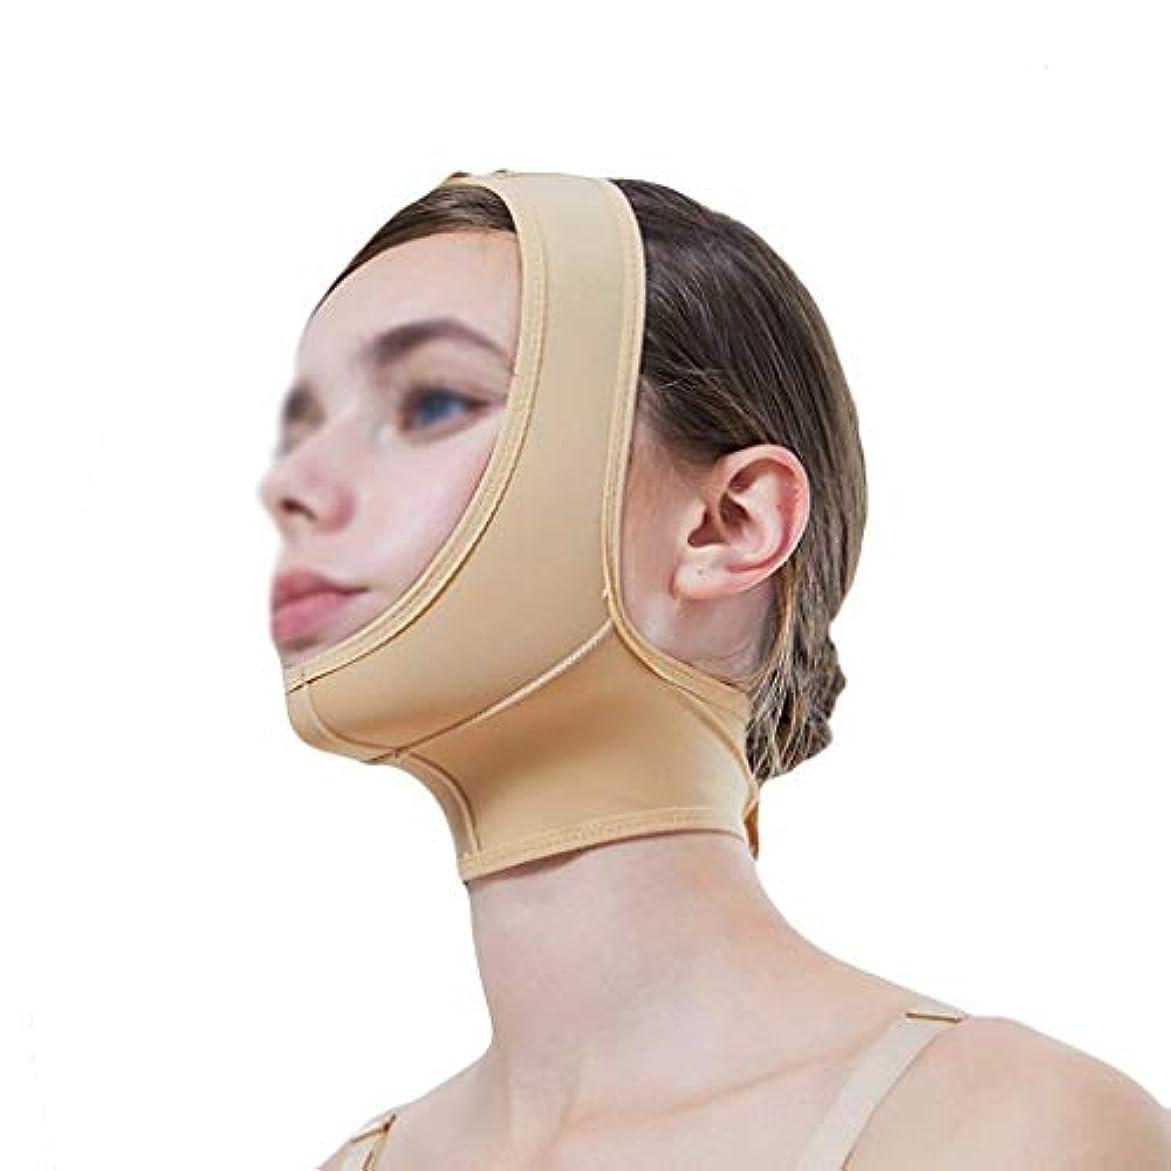 埋めるもっと少なく合意マスク、超薄型ベルト、フェイスリフティングに適し、フェイスリフティング、通気性包帯、あご取りベルト、超薄型ベルト、通気性(サイズ:XL),M